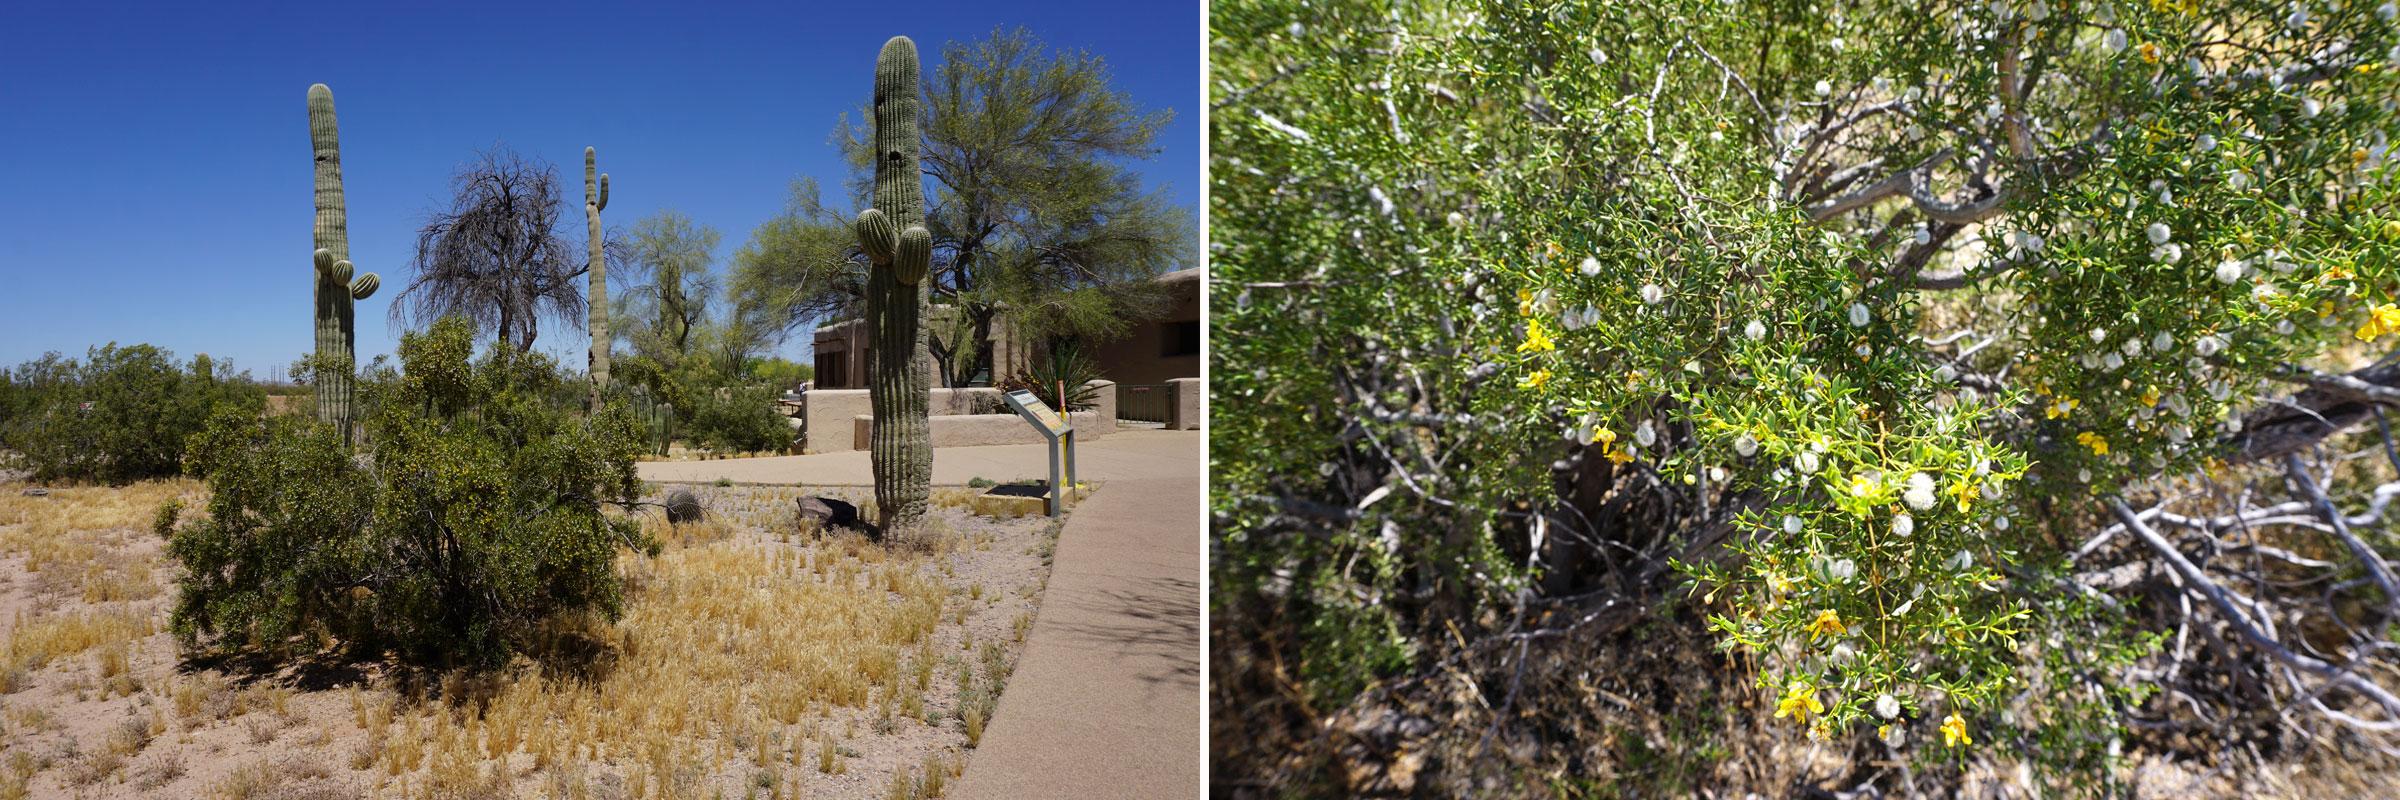 """© 2019 Louise Levergneux. Creosote Bush is a common flowering plant in the landscapes of the Mojave, Sonoran and Chihuahuan deserts, covering thousands of square miles. A mature bush is typically .9-1.5 m (3'-5'), but can grow to 3 m (10') high or more. Its Latin name, Larrea tridentata, refers to the three-toothed leaves of this evergreen shrub. Blossoms are small and usually yellow in color, followed by fluffy white fruit. A ring of creosote bushes in the Mojave Desert, known as the """"King Clone"""" ring, is more than 11,700 years of age and is one of the oldest living organisms on the planet. The entire plant emits a distinctive and refreshing odor described by many as """"the smell of rain."""" /  La plante créosote à fleurs commune dans les paysages les déserts du Mojave, du Sonora et du Chihuahua, couvrent des milliers de kilomètres carrés. Un buisson mature mesure généralement de .9-1.5 m, mais peut atteindre 3 m de haut ou plus. Son nom latin, Larrea tridentata, fait référence aux feuilles à trois dents de cet arbuste à feuilles persistantes. Les fleurs sont petites et généralement de couleur jaune, suivies de fruits blancs duveteux. Un anneau de buissons de créosote dans le désert de Mojave, appelé anneau « King Clone », a plus de 11 700 ans et constitue l'un des plus anciens organismes vivants de la planète. La plante dégage une odeur distinctive et rafraîchissante que beaucoup décrivent comme """"l'odeur de la pluie""""."""